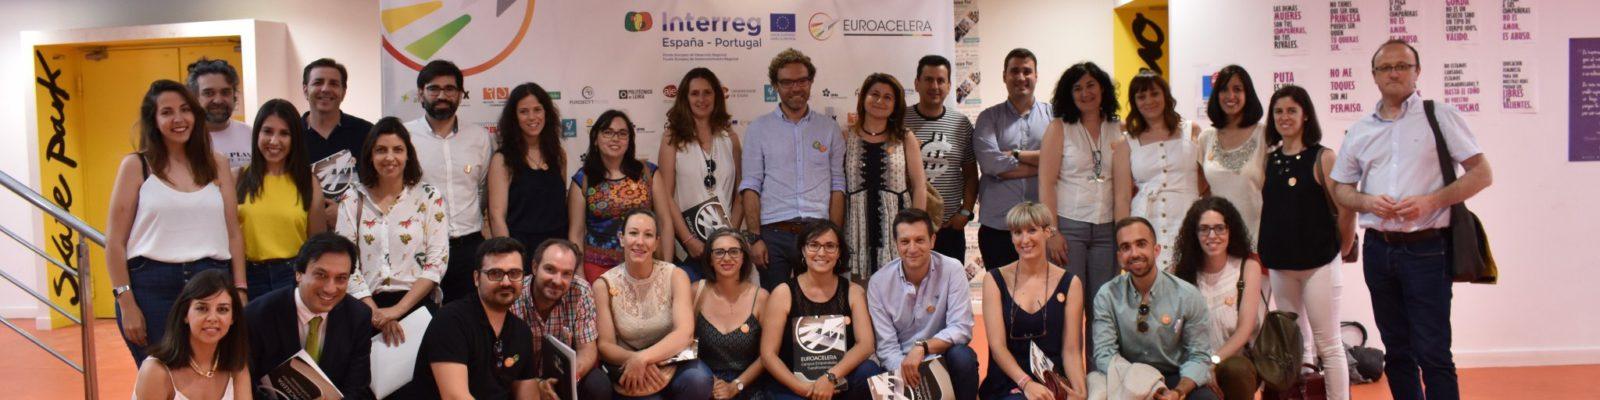 AJE Extremadura en el 1er. Programa de Aceleración de EUROACELERA